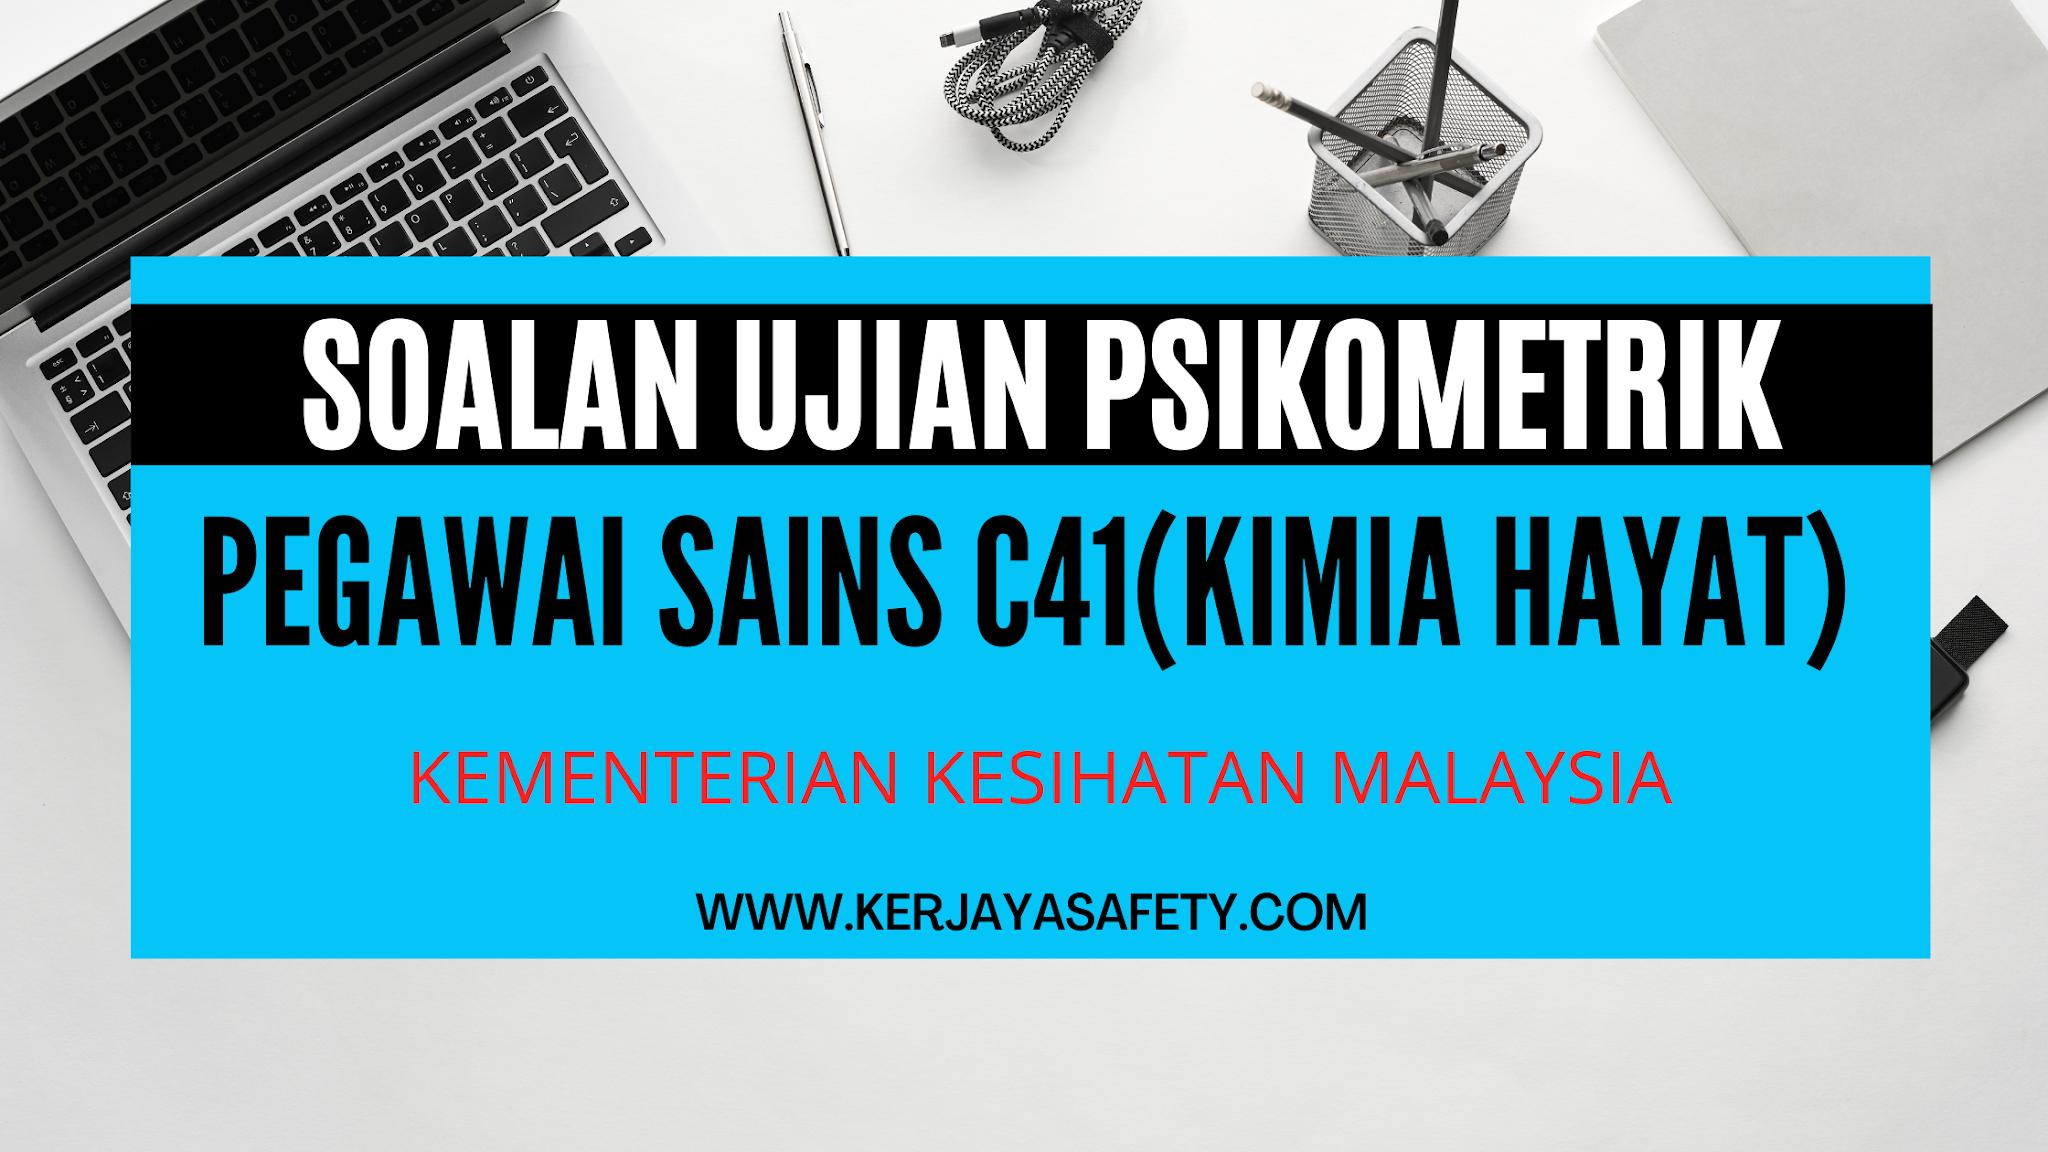 Contoh Soalan Psikometrik Pegawai Sains C41 (Kimia Hayat)